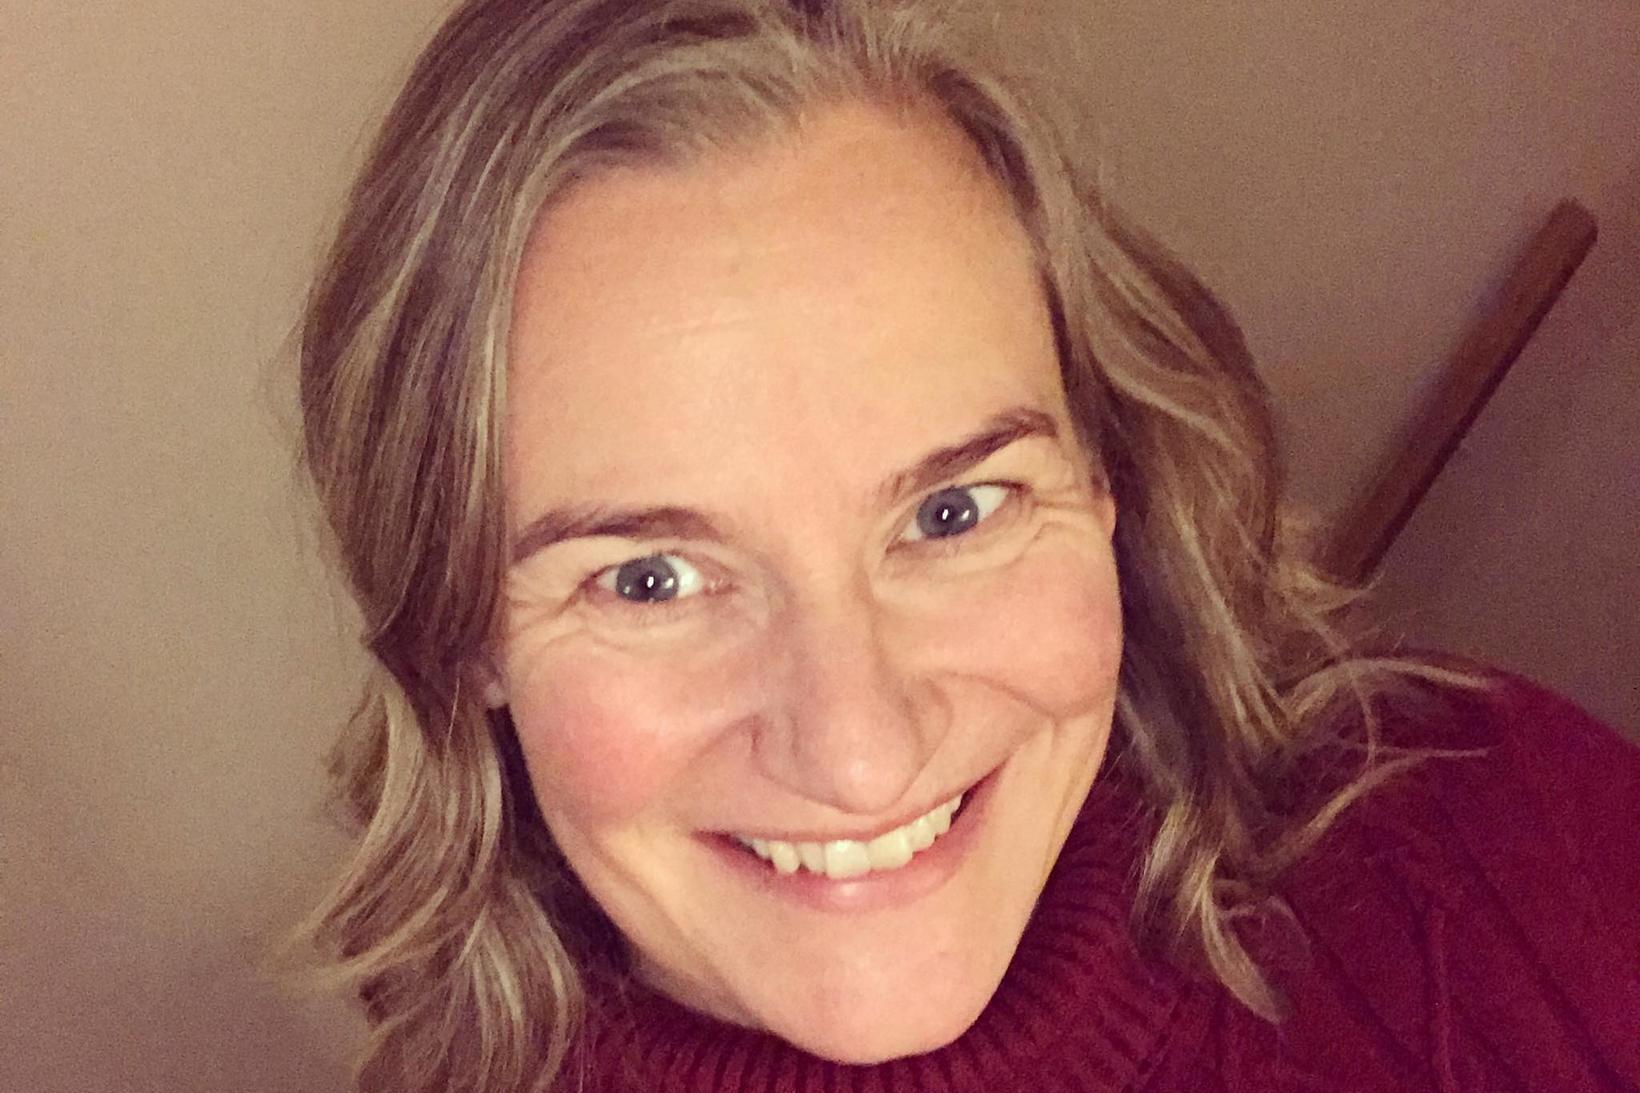 Auður H. Ingólfsdóttir